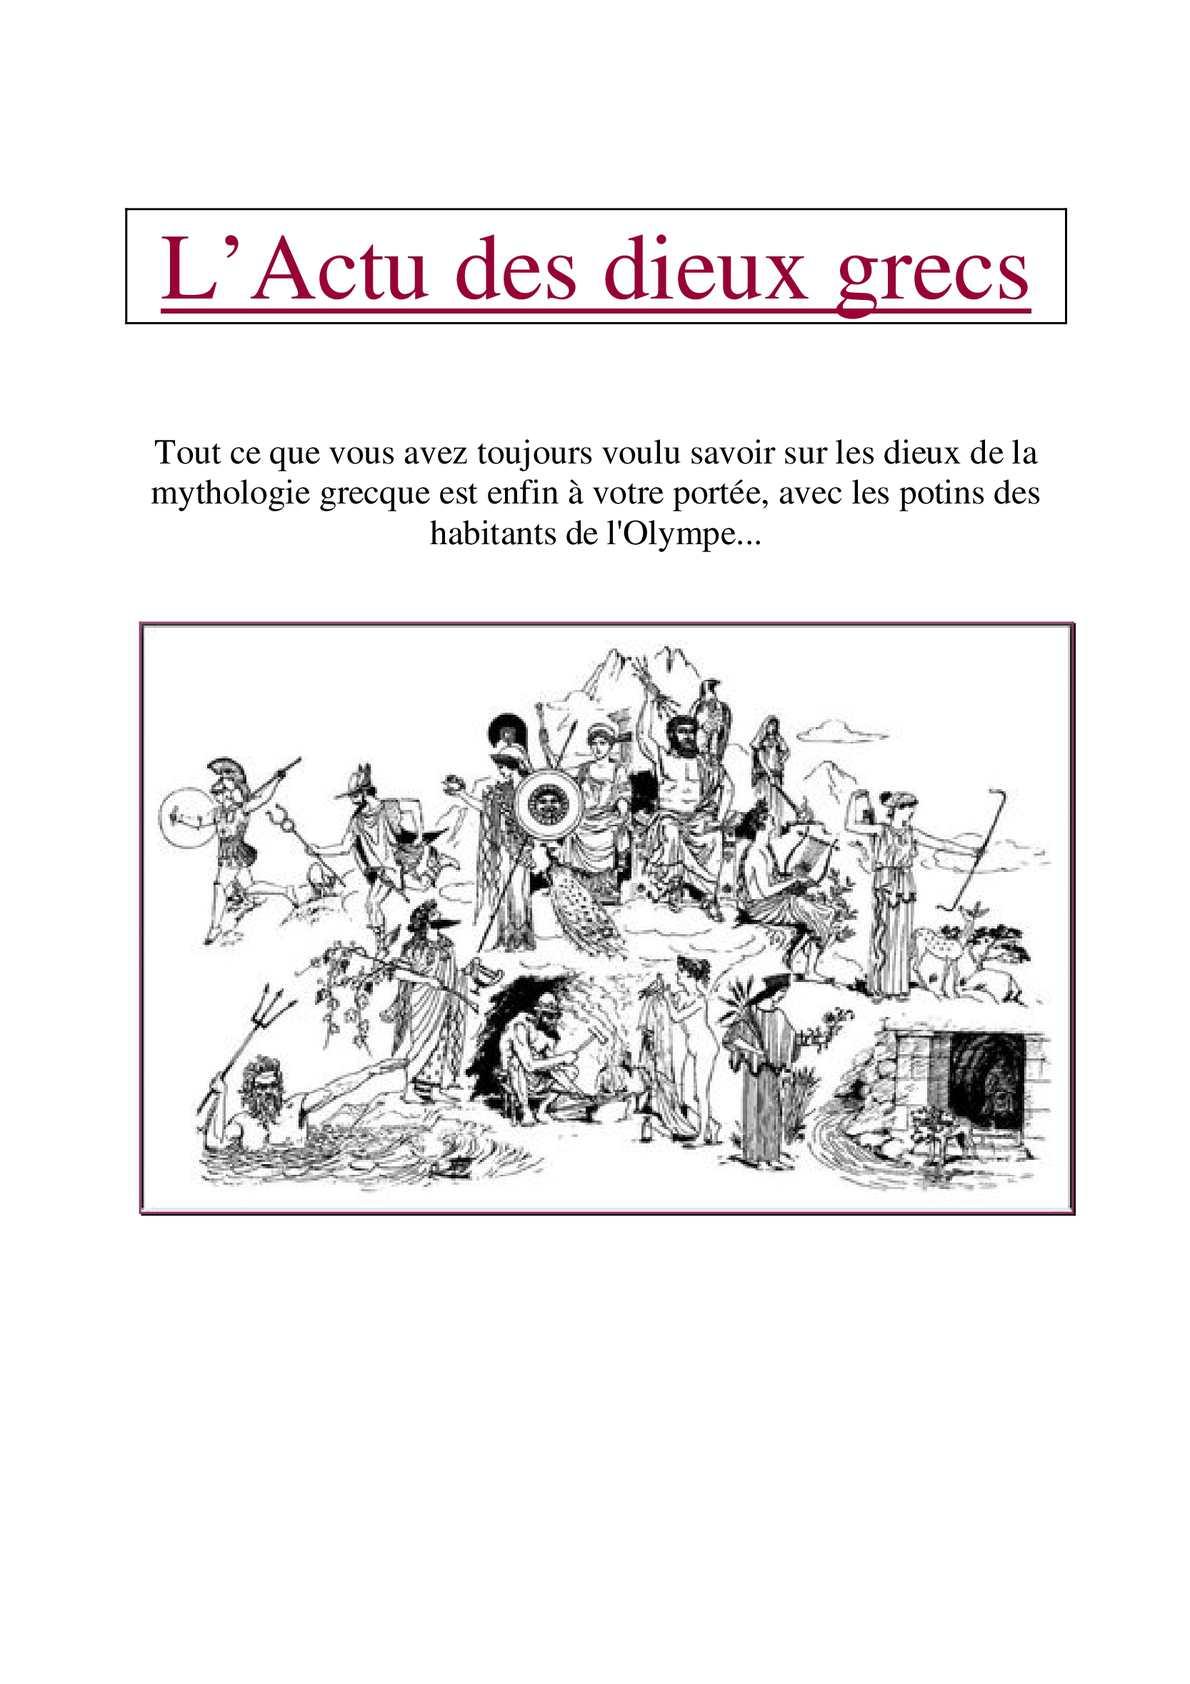 Grecs Des L'actu Dieux Calaméo L'actu Des Calaméo yv8nOPwmN0